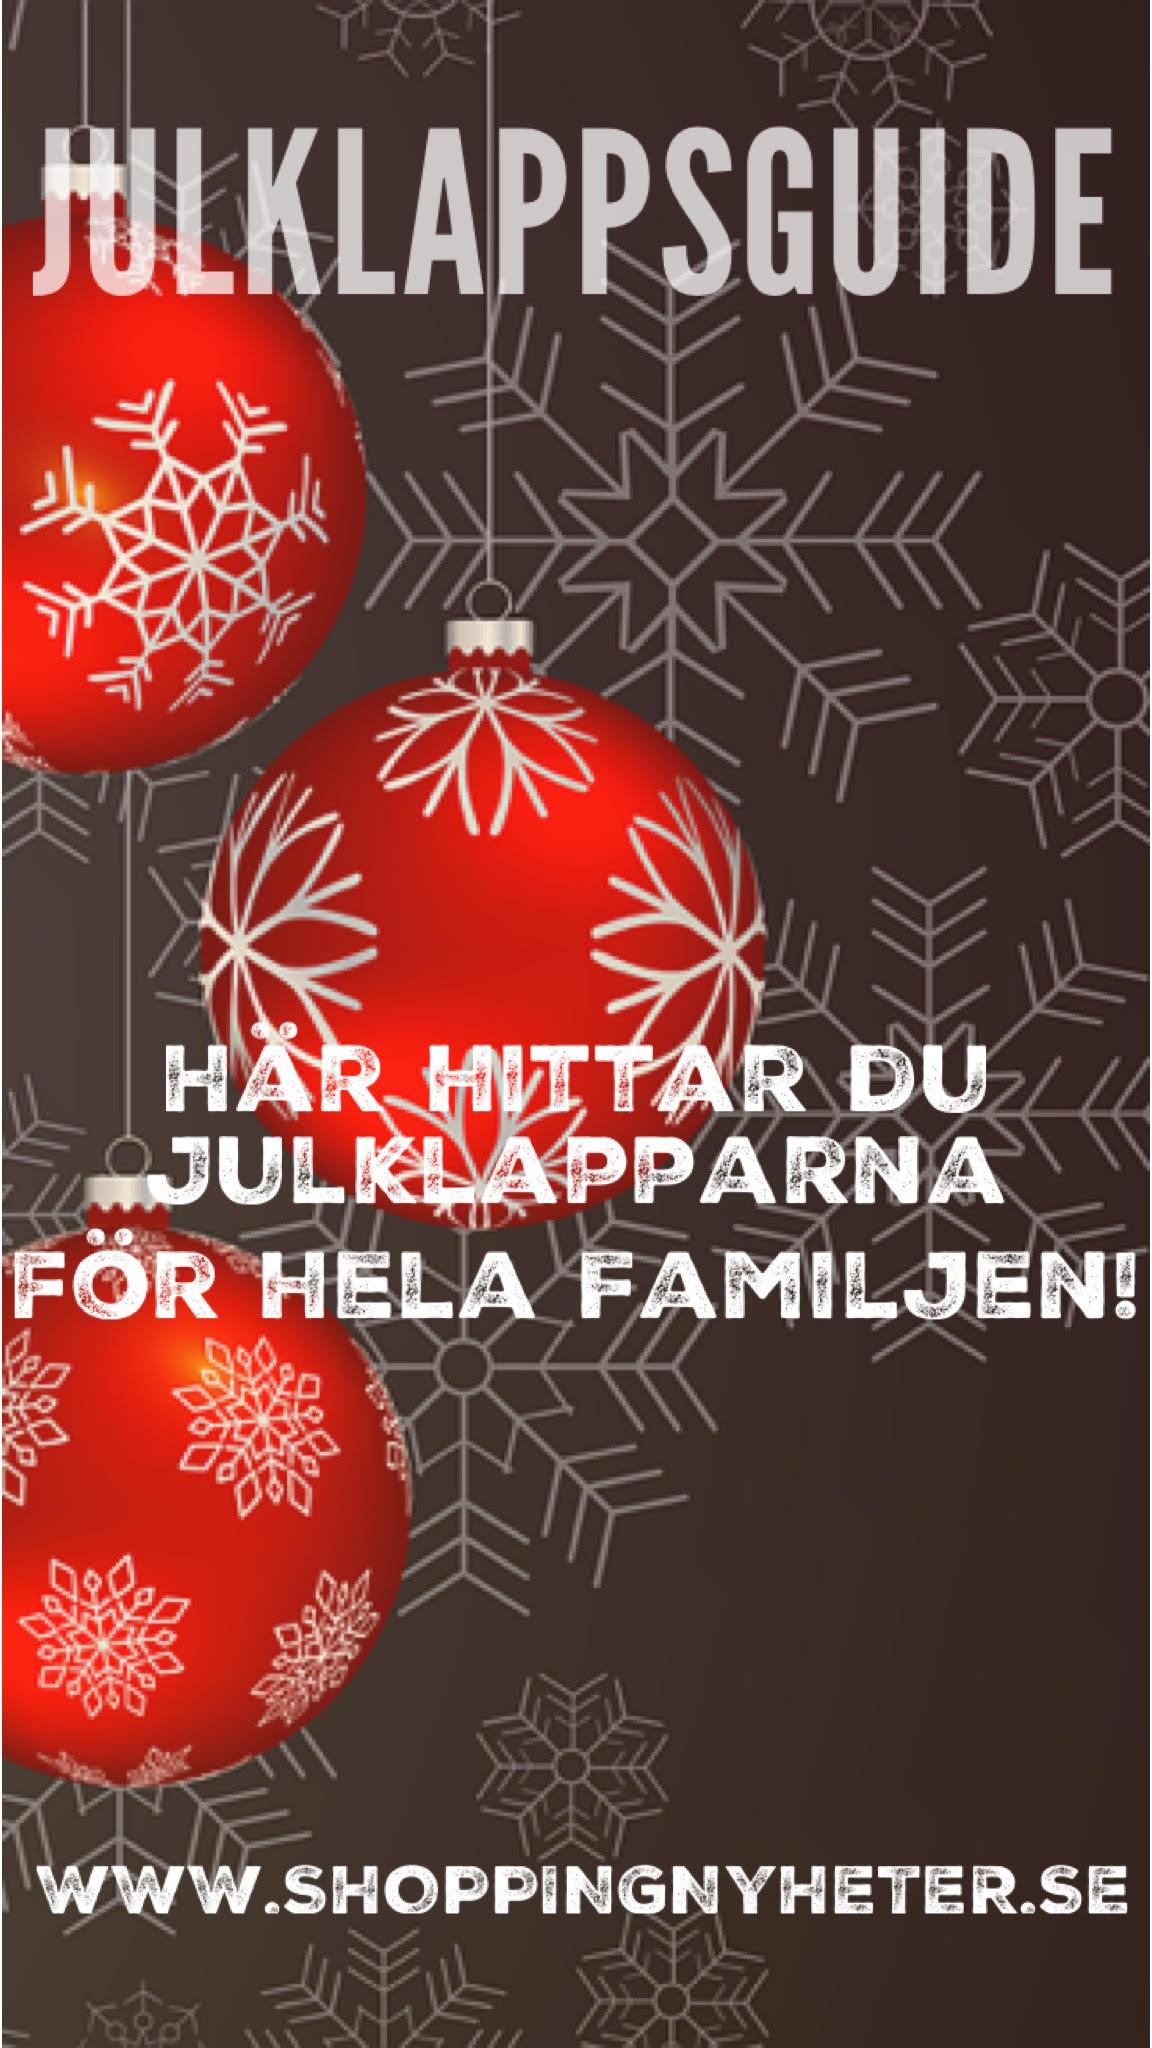 Söker du efter Julklappstips? Här hittar du alla julklappar, tips på presenter - på ett och samma ställe!